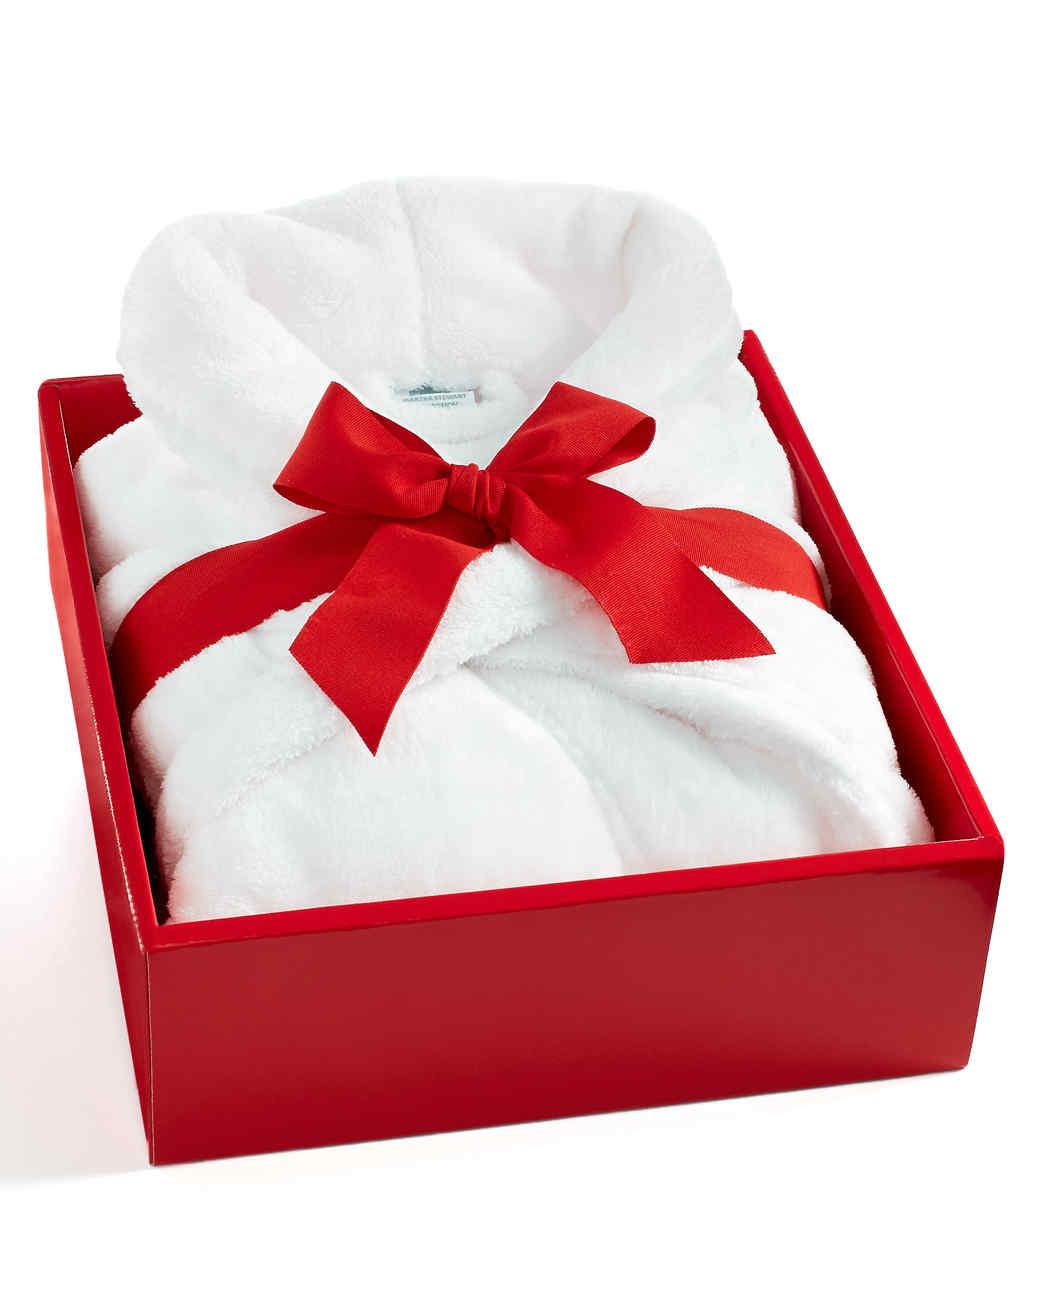 msmacys-valentineshop-forher-plushrobe-0115.jpg